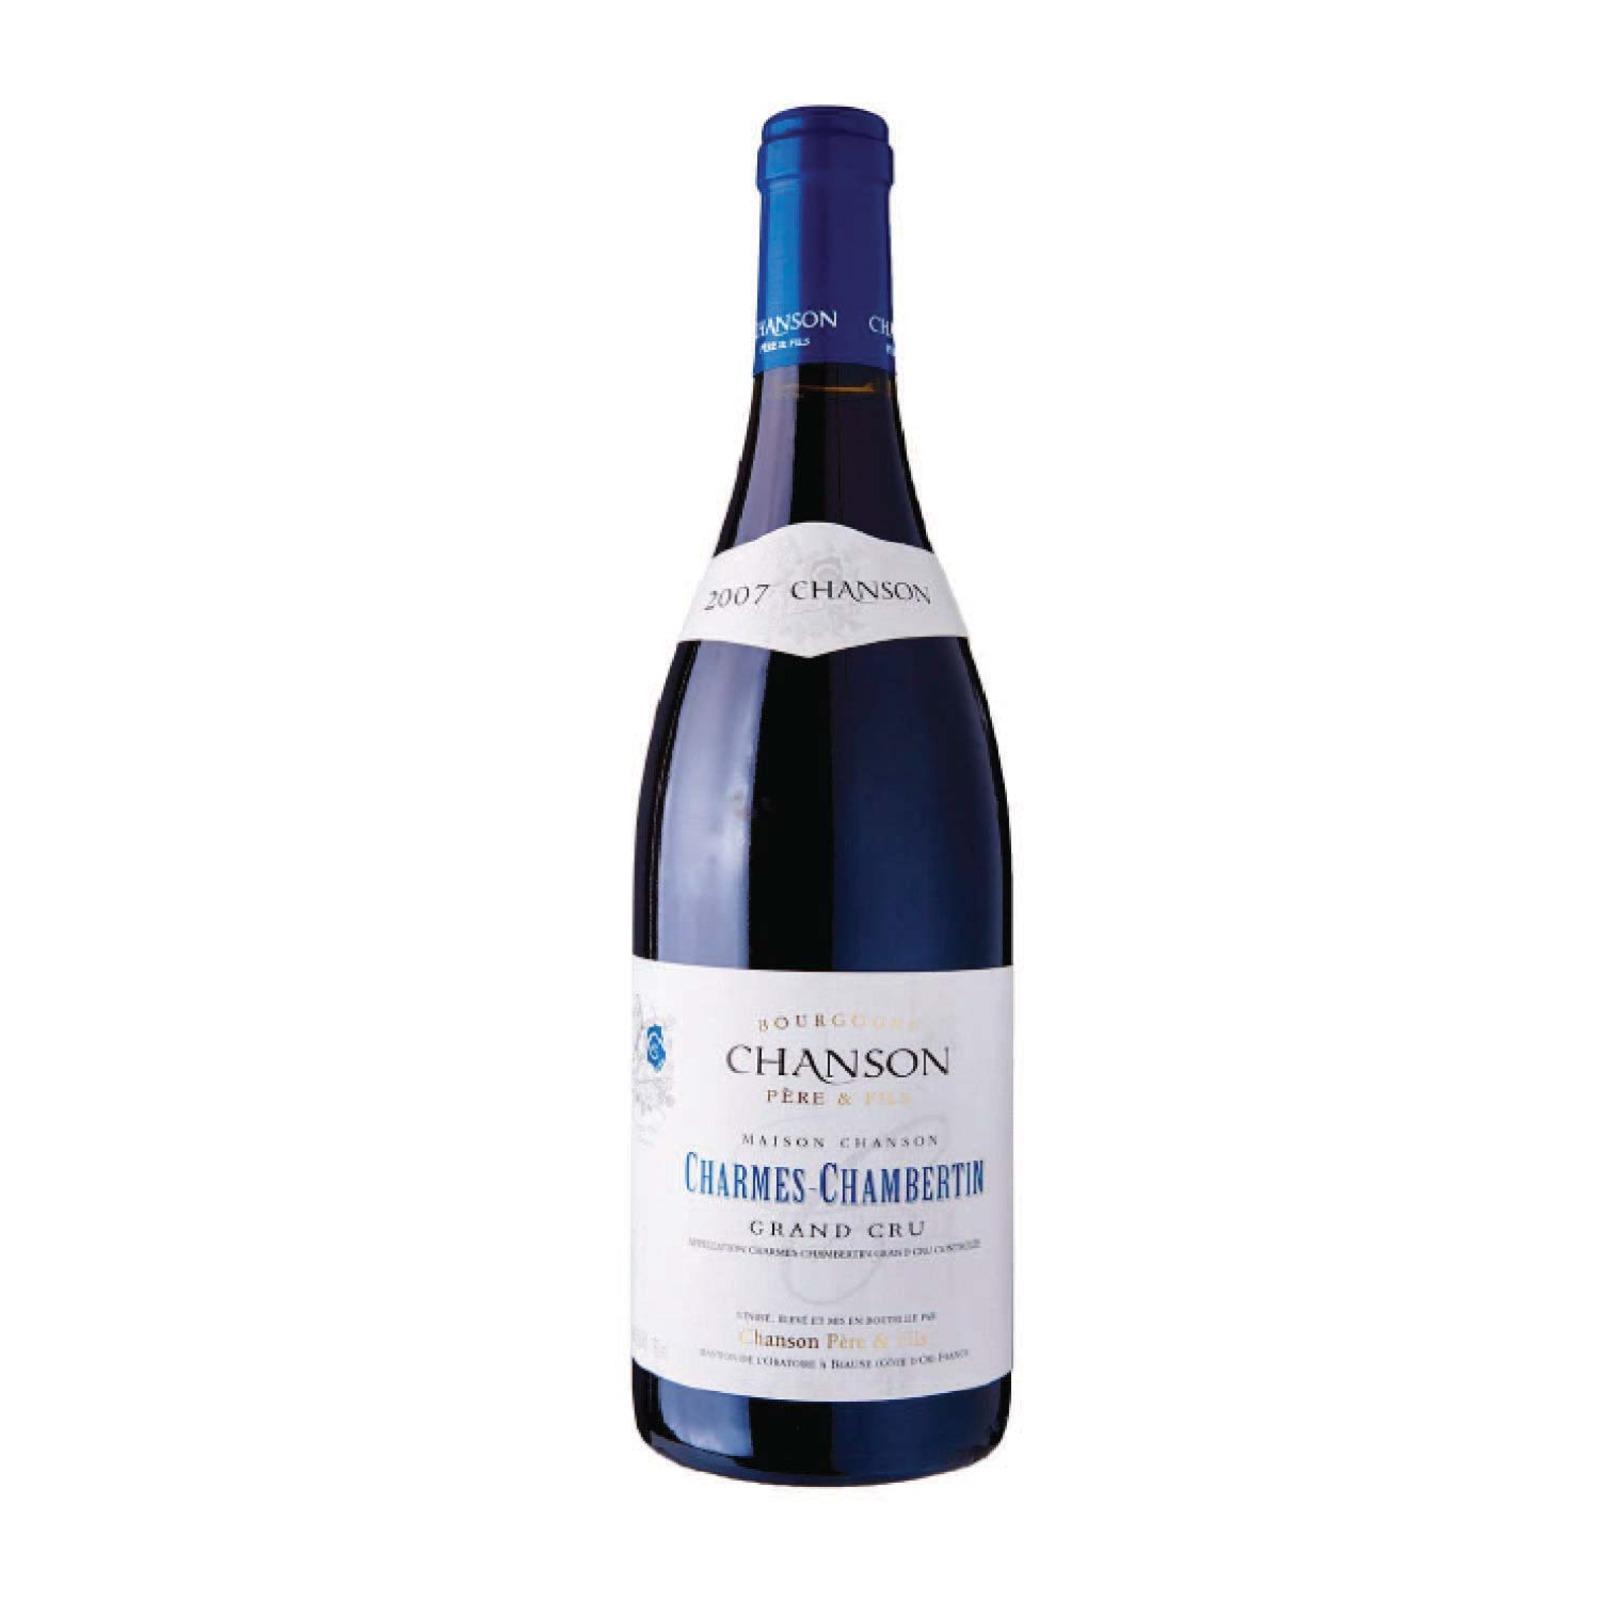 Domaine Chanson Charmes Chambertin Grand Cru